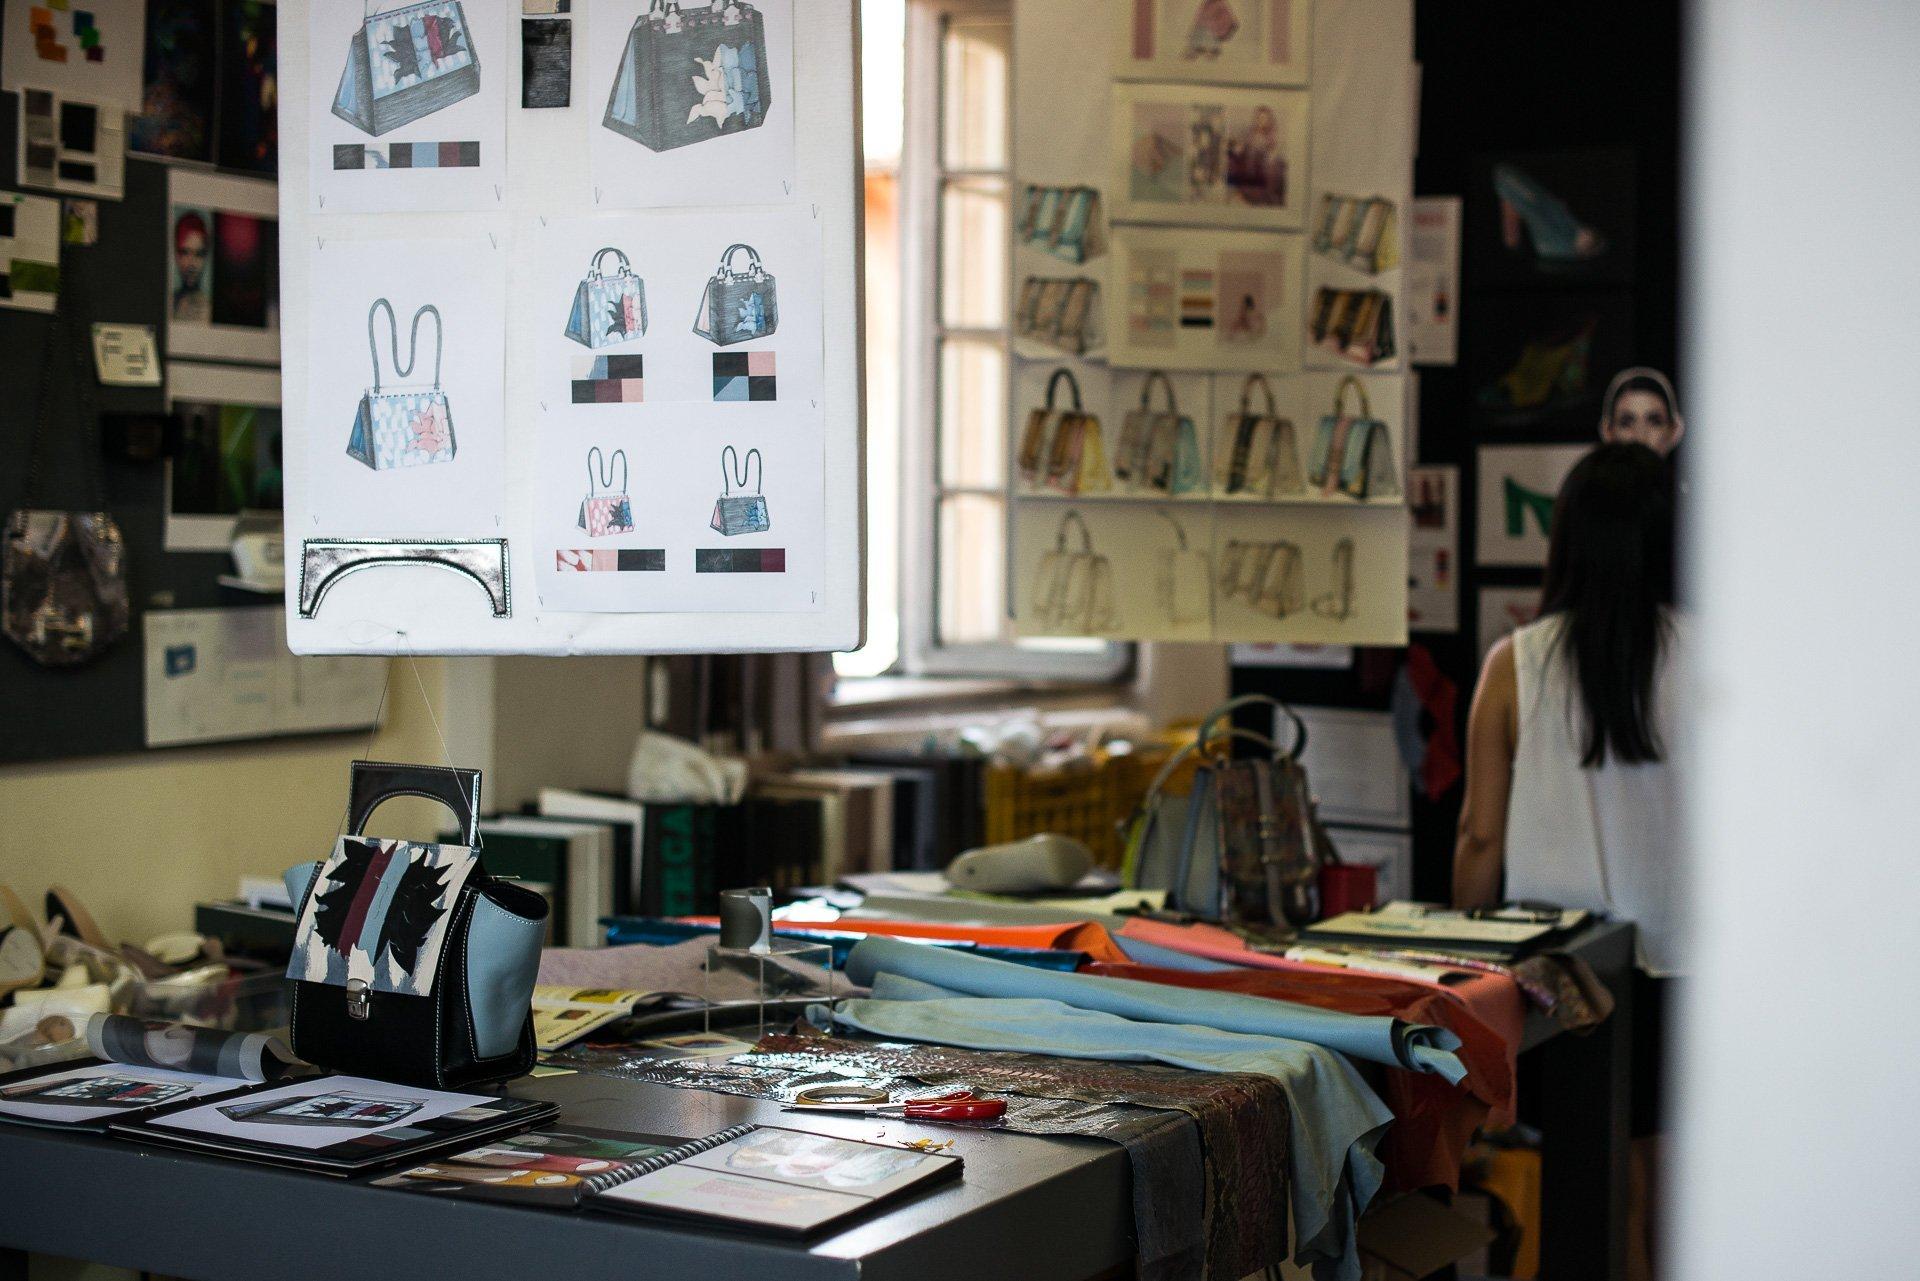 corsi di moda come concretizzare i propri sogni